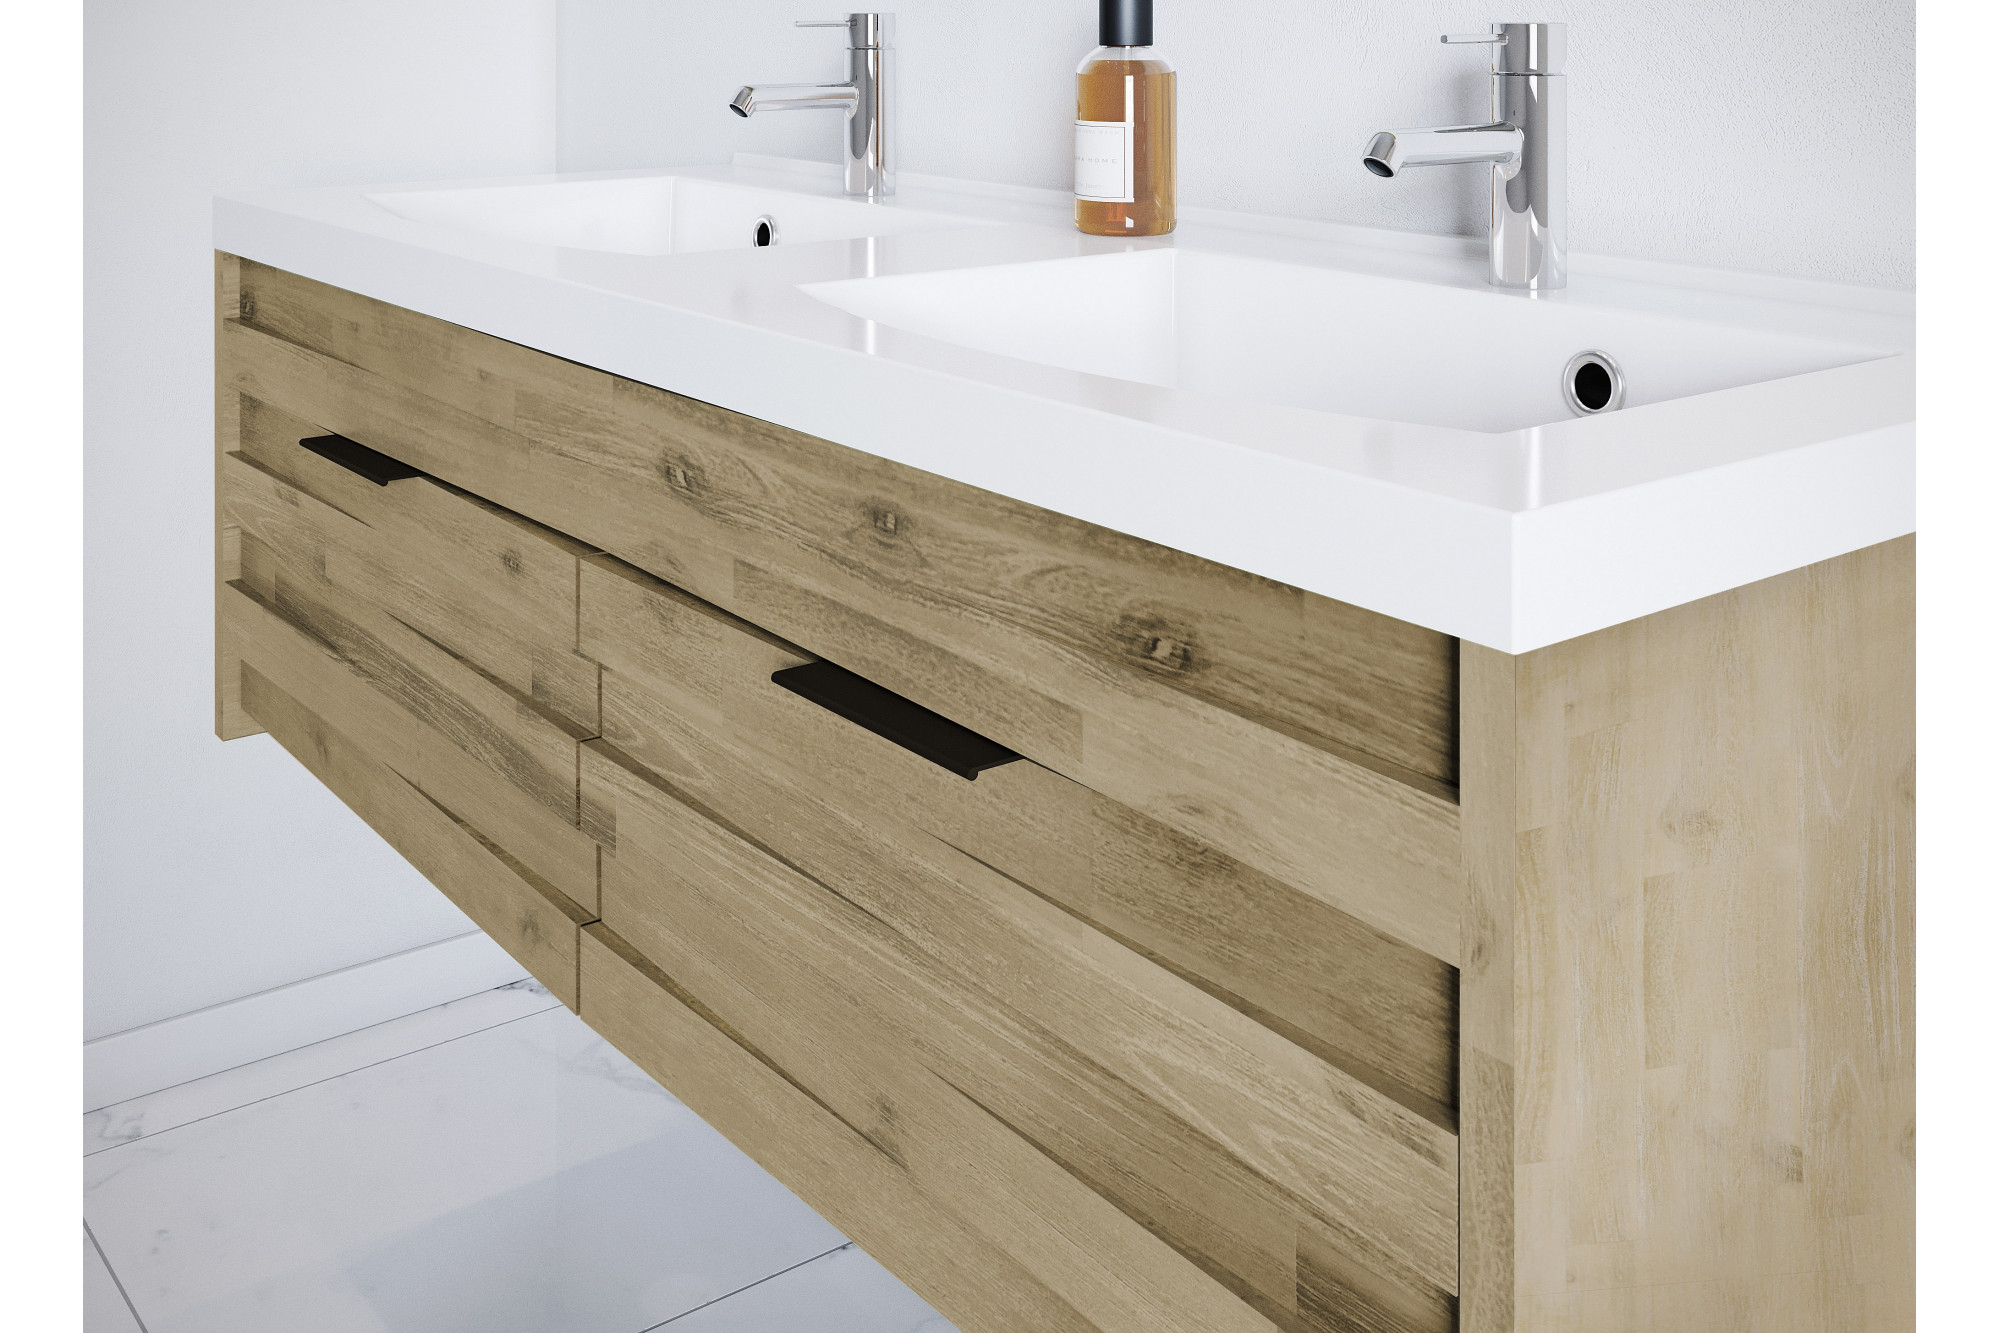 meuble de salle de bain en bois massif avec double vasque. Black Bedroom Furniture Sets. Home Design Ideas